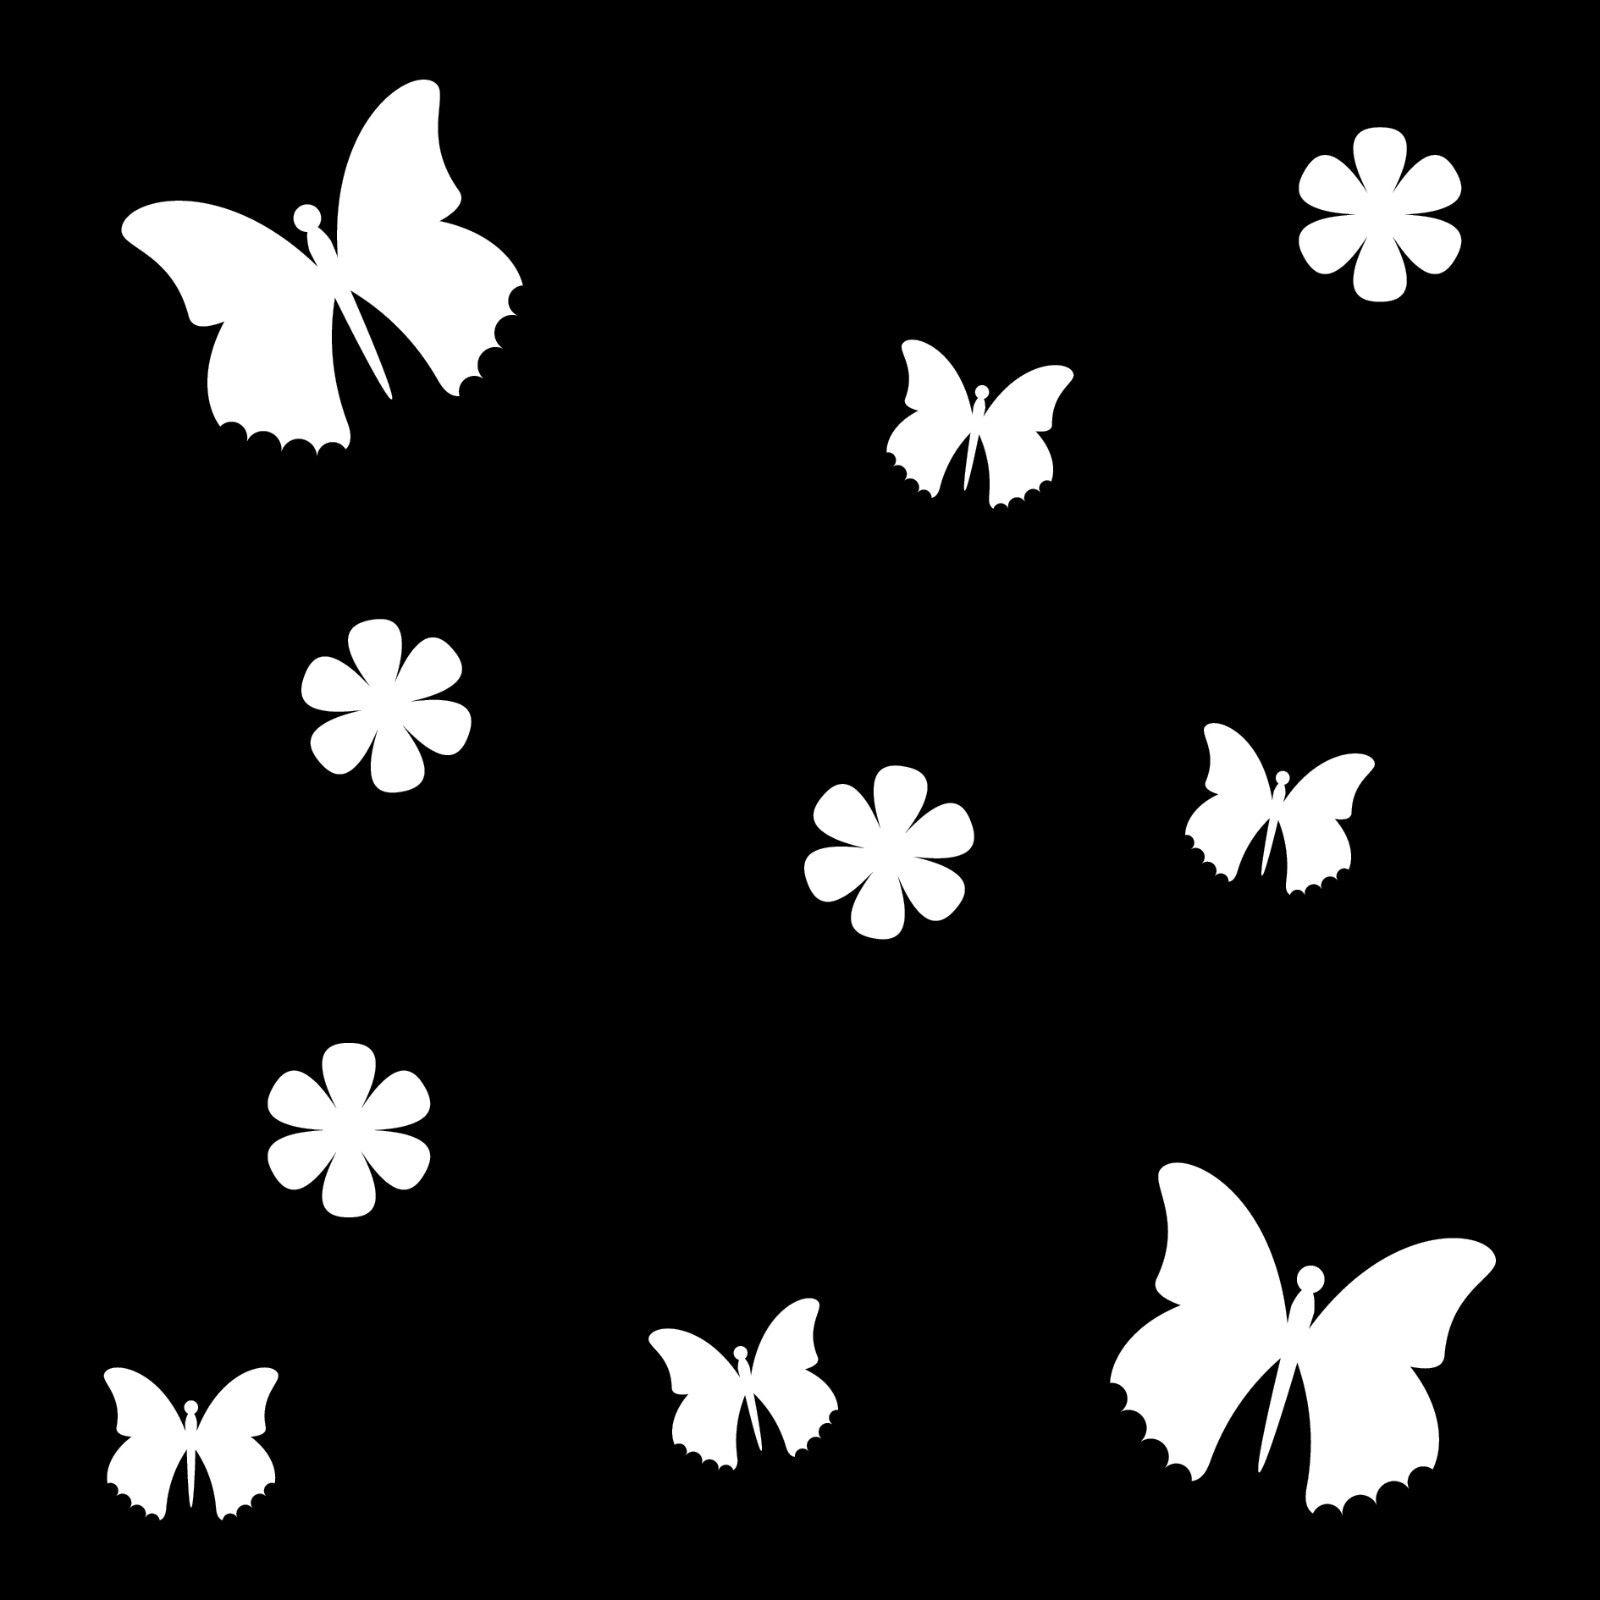 10 Aufkleber Tattoo Weiß Schmetterlinge Blumen Auto Möbel Fenster Deko Folie